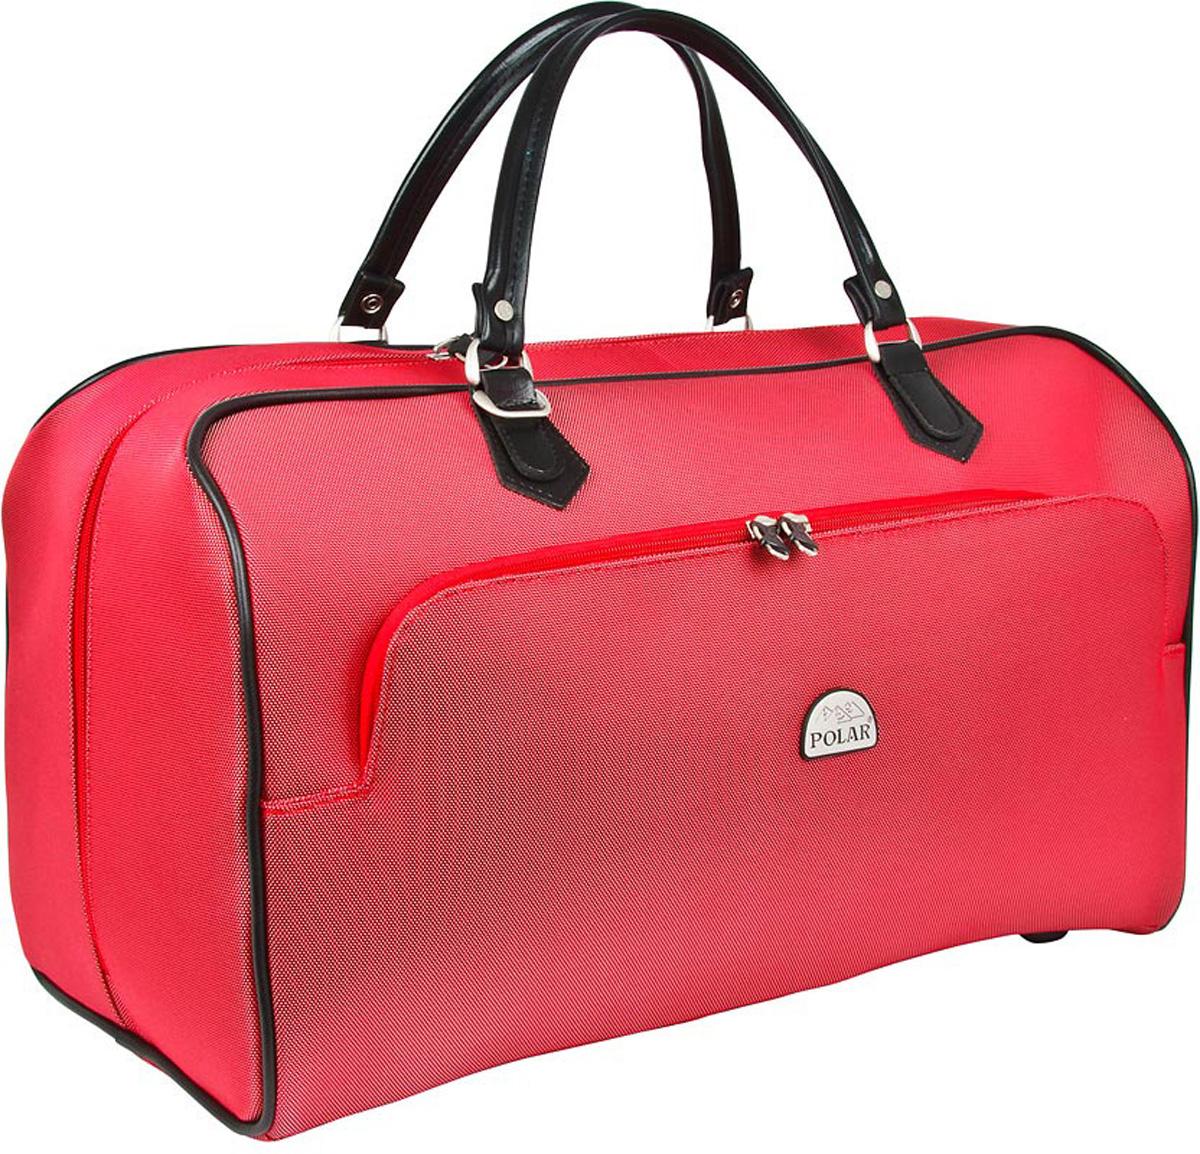 Сумка дорожная Polar, цвет: красный, 47 л. 7051П2053-08Стильная дорожная сумка Polar выполнена из кордура. Сумка имеет одно вместительное отделение, закрывающееся на двухстороннюю застежку-молнию. Стенки и дно - жесткие. Внутри - один большой карман на молнии. Снаружи - большой карман на молнии. Ручки отделаны искусственной кожей. В комплекте есть съемный, регулируемый плечевой ремень.